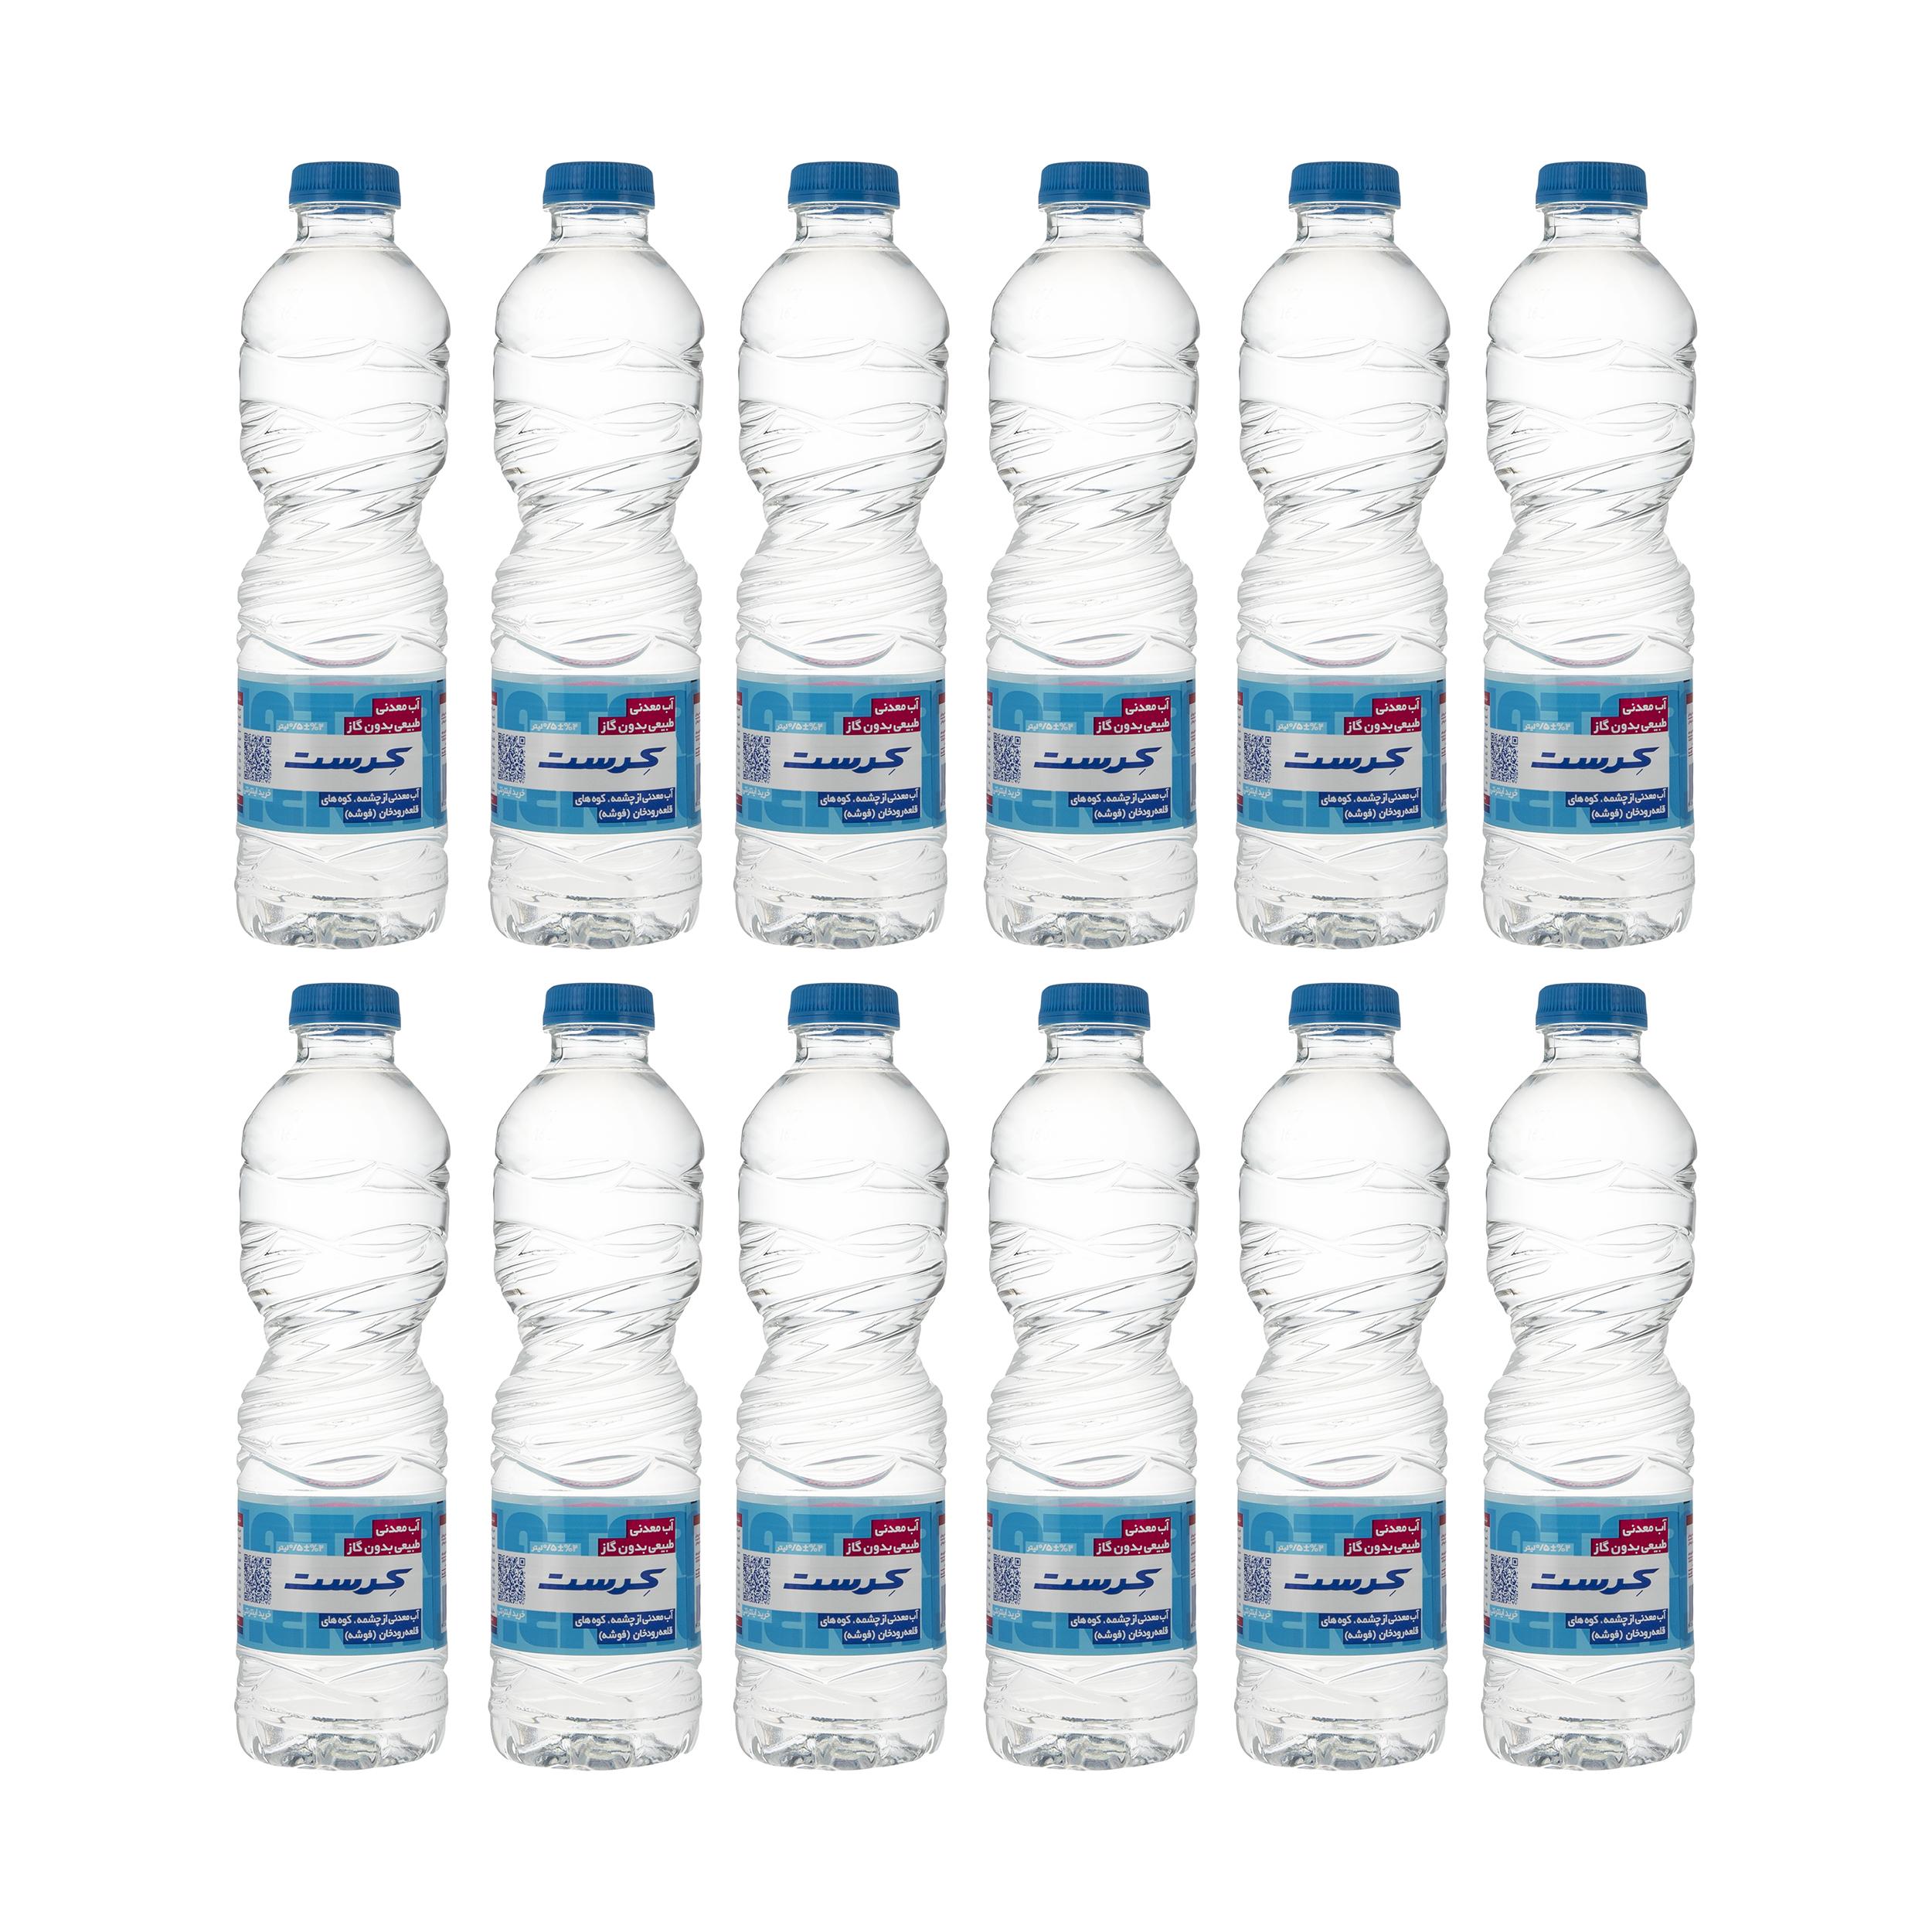 آب معدنی کرست - 0.5 لیتر بسته 12 عددی